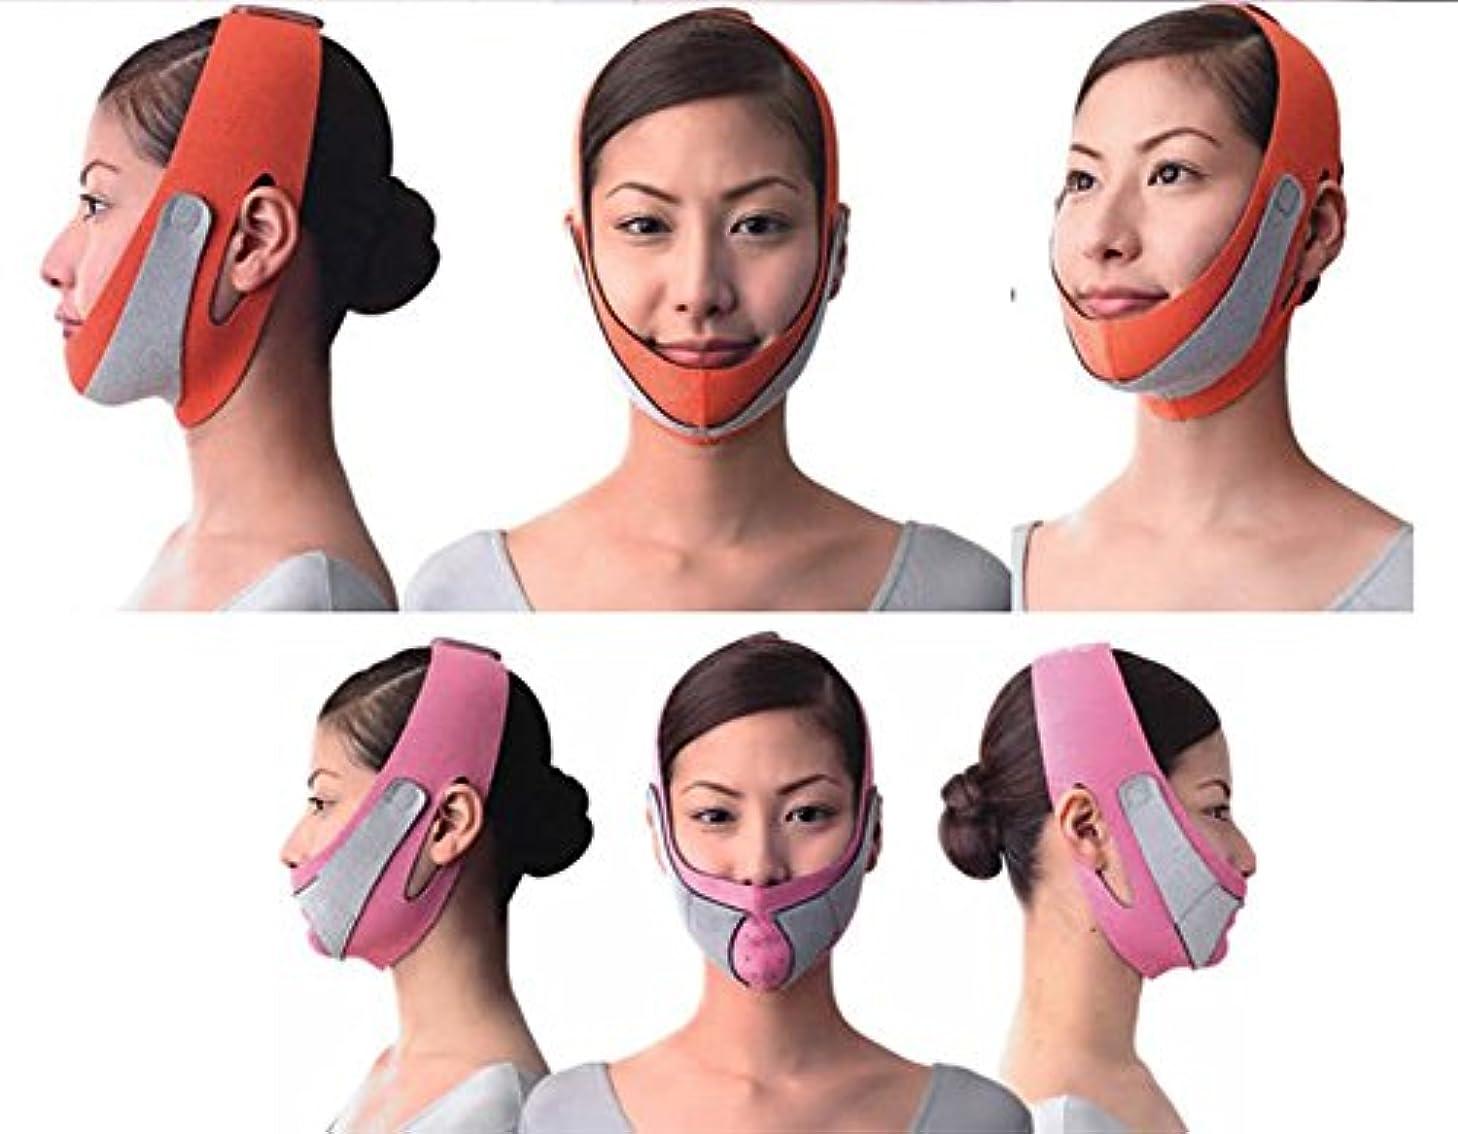 通路アーティキュレーションブラウズ引き上げマスク 頬のたるみ 額、顎下、頬リフトアップ ピンク グレー 弾力V-ラインマスク 引っ張る リフティング フェイス リフトスリムマスク 美容 フェイスマスク